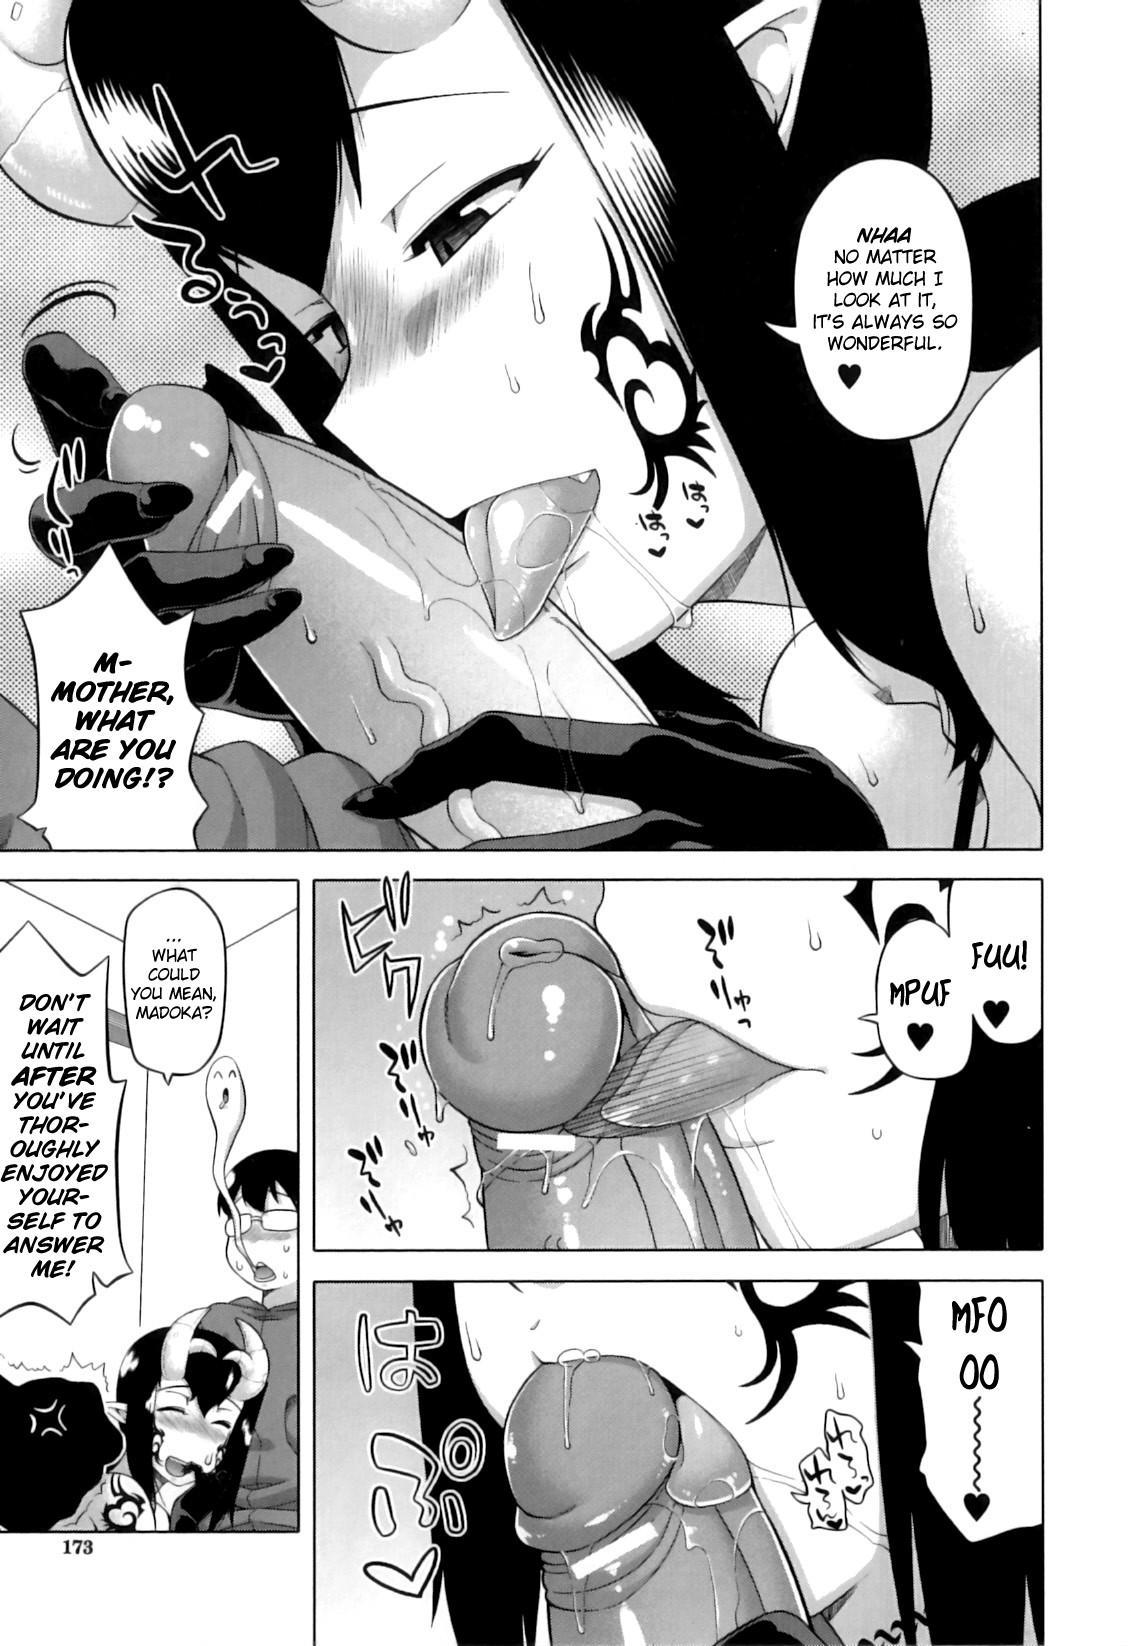 [Takatsu] DH! ~Himorogi Hyaku Yome Gatari~ | Demon-Hentai! - Shrine of One Hundred Wives [English] {doujin-moe.us} 171